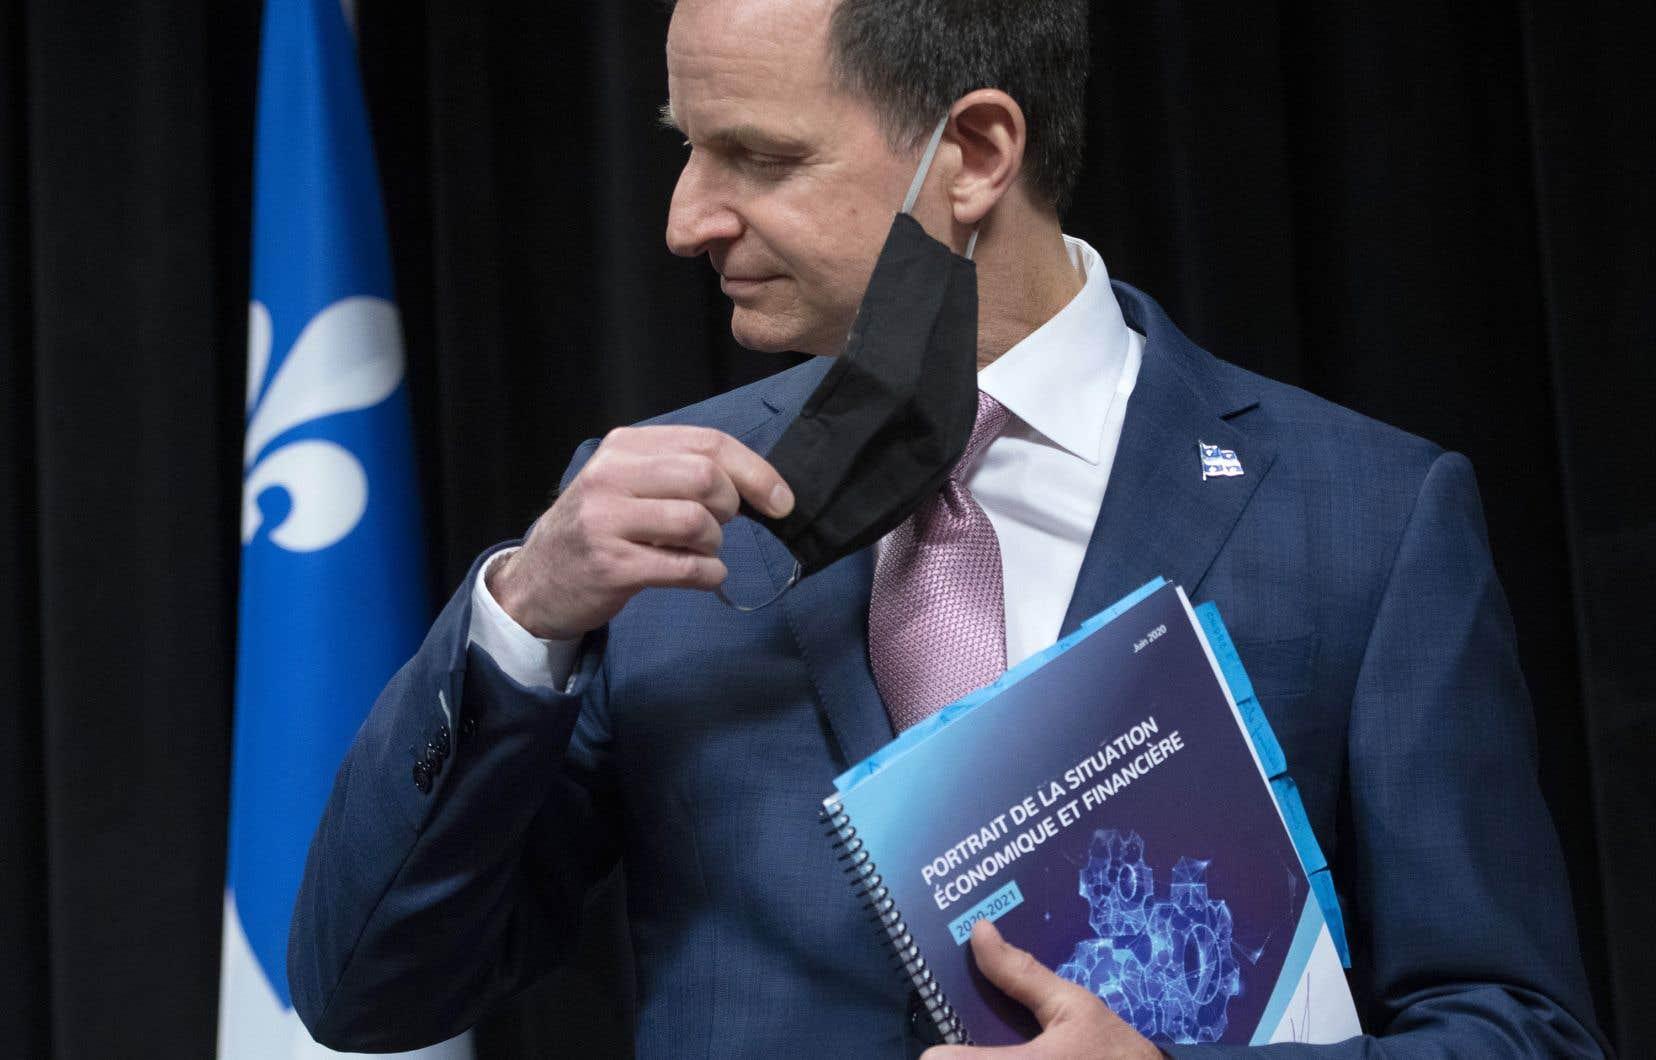 Le ministre québécois des Finances, Eric Girard, a présenté une mise à jour économique, en juin, en raison du ralentissement de l'économie causé par la pandémie.